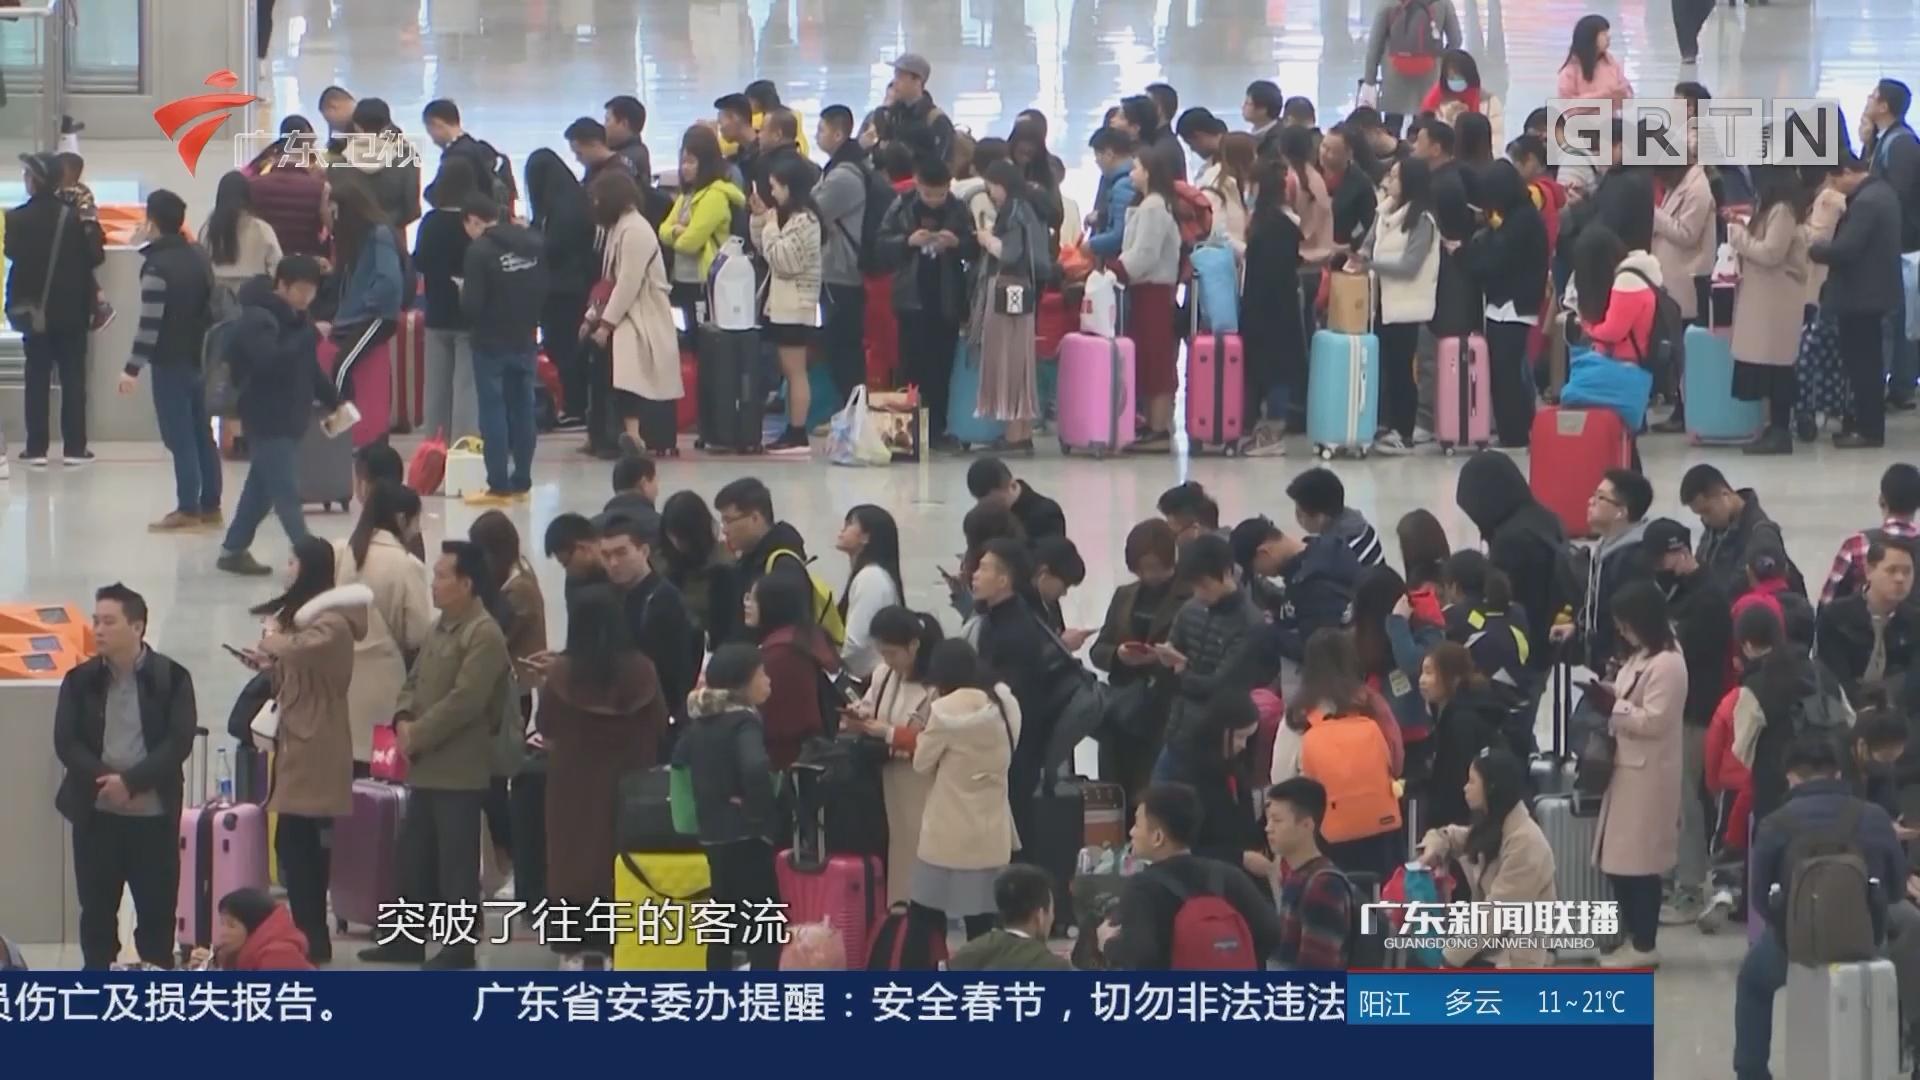 广东:春运客流量持续攀升 多措并举保平安出行